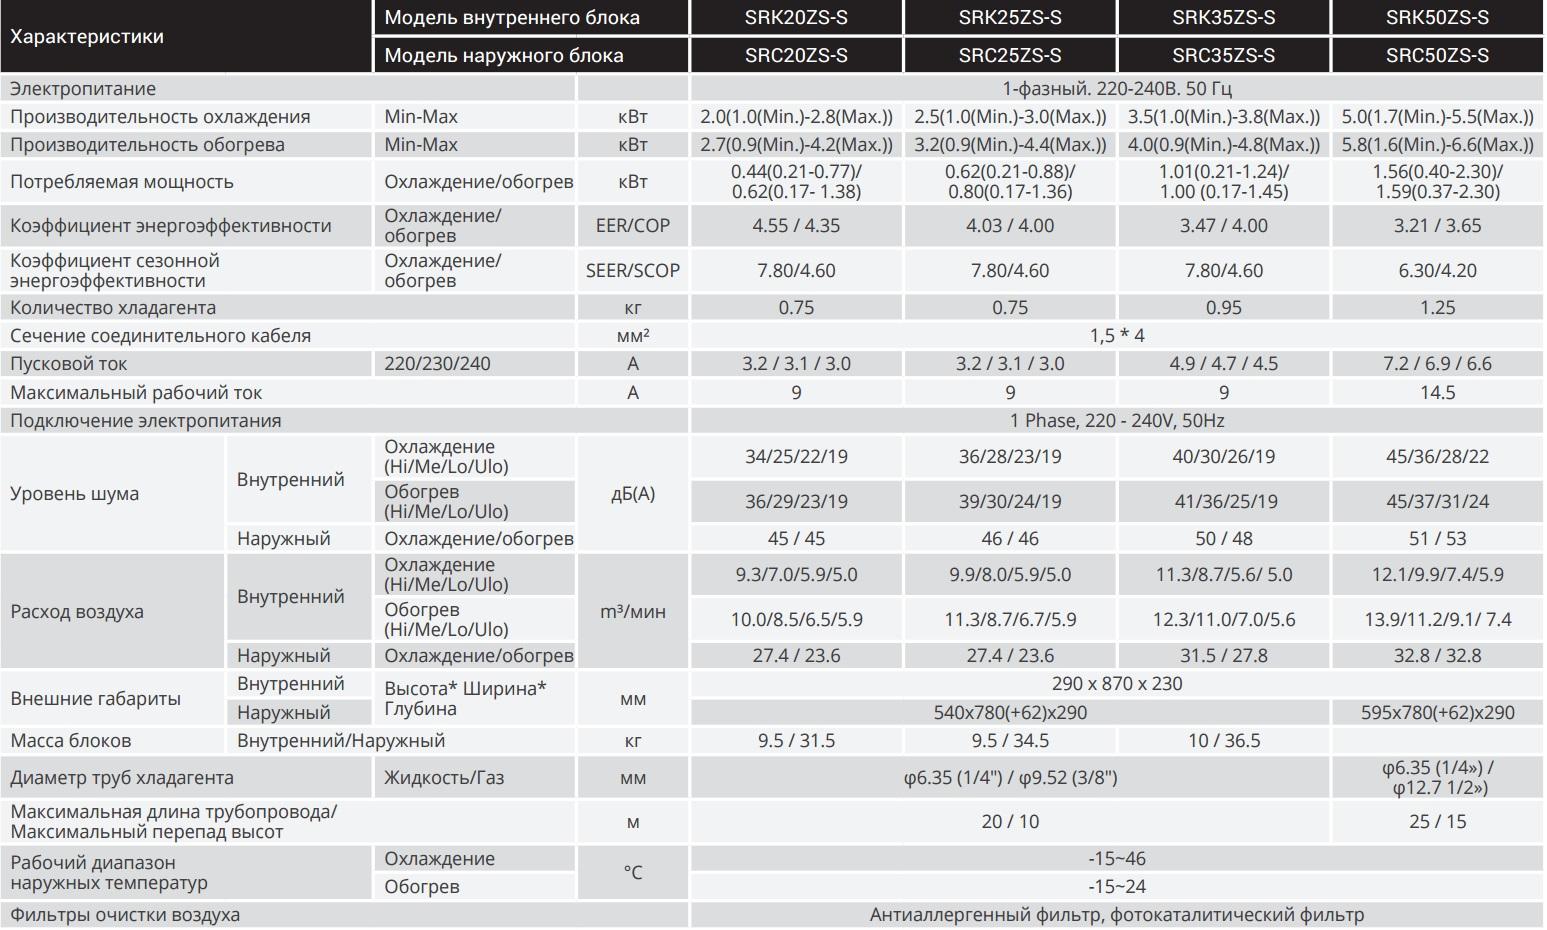 Mitsubishi H.I серия Premium Inverter SRK20ZS-S